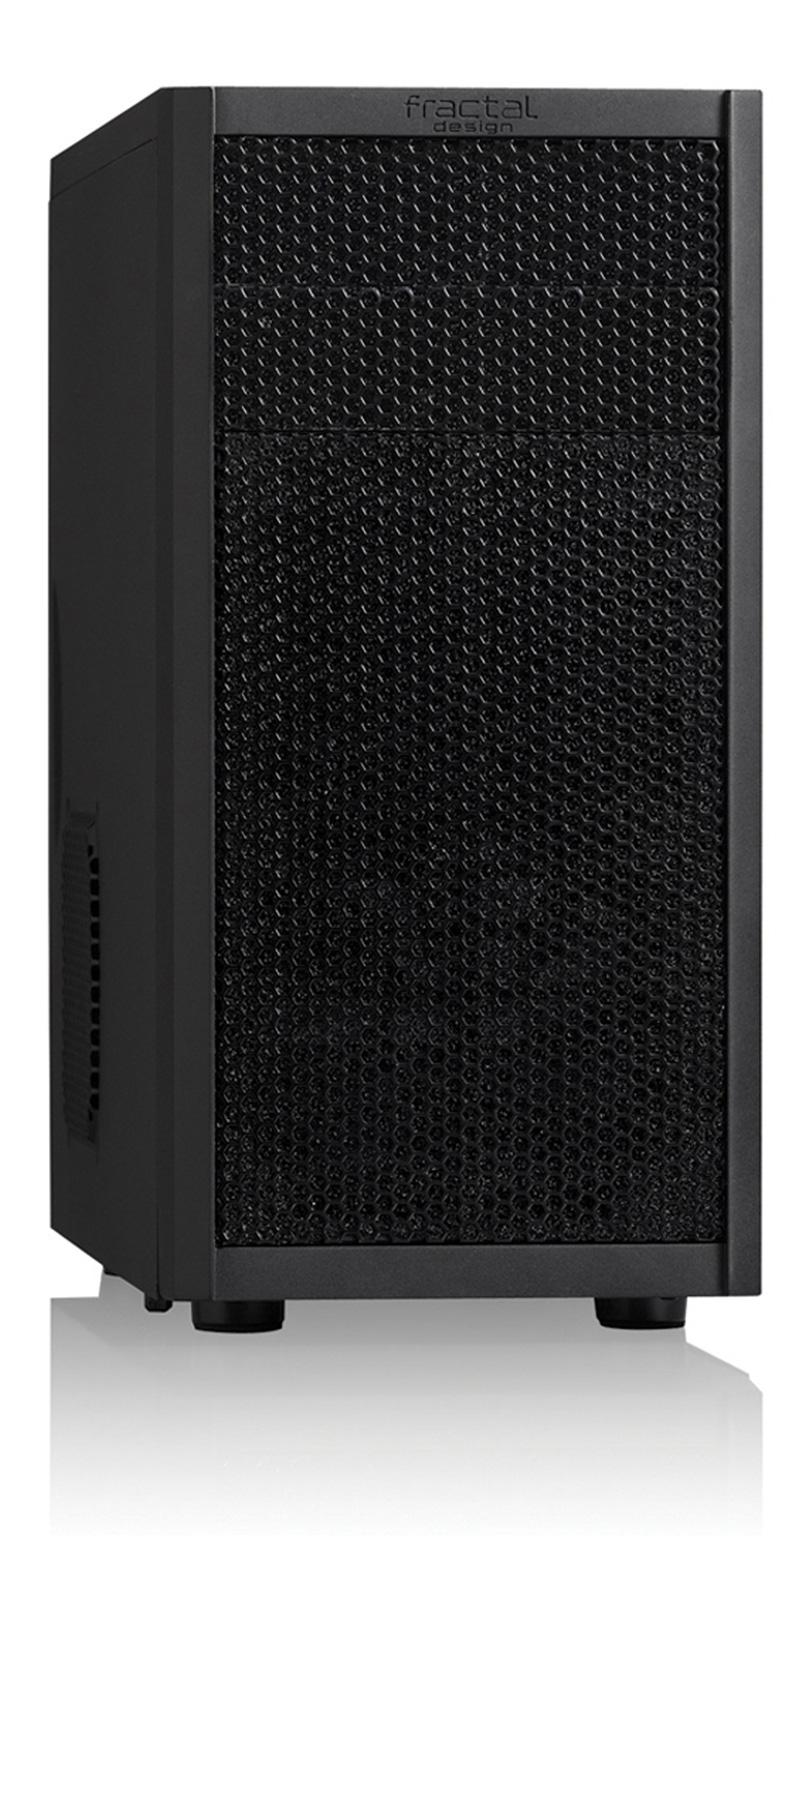 Fractal Design Core 1000 Usb 30 Black Computer Case Edimax Es 5160g V3 16 Port Gigabit Ethernet Web Smart Switch